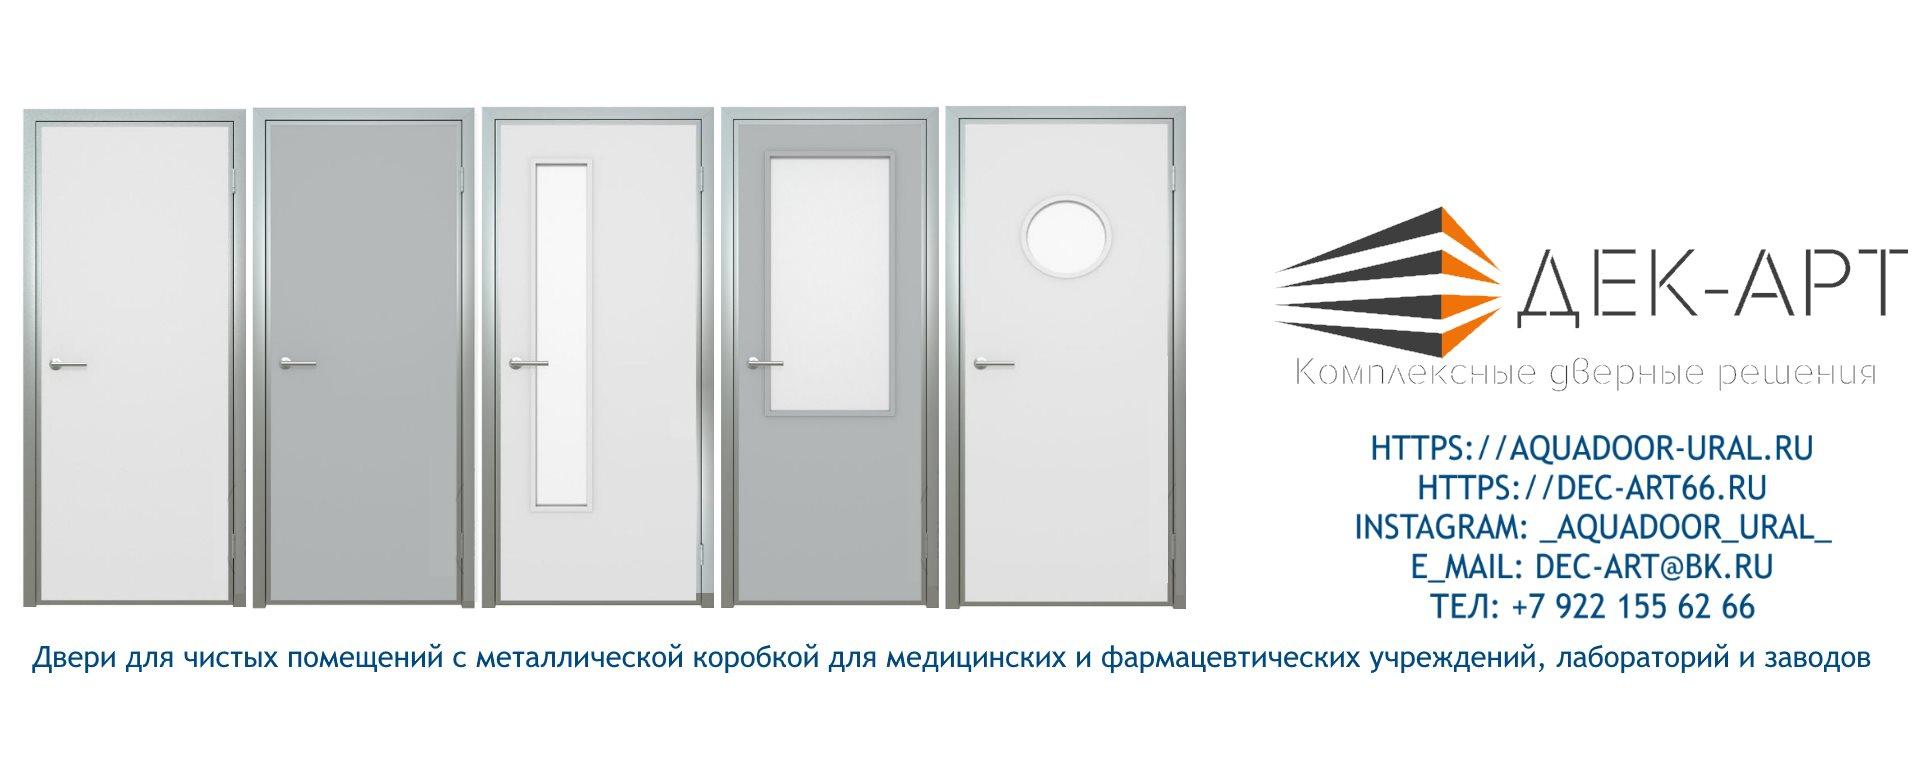 Двери деревянные с металлической коробкой